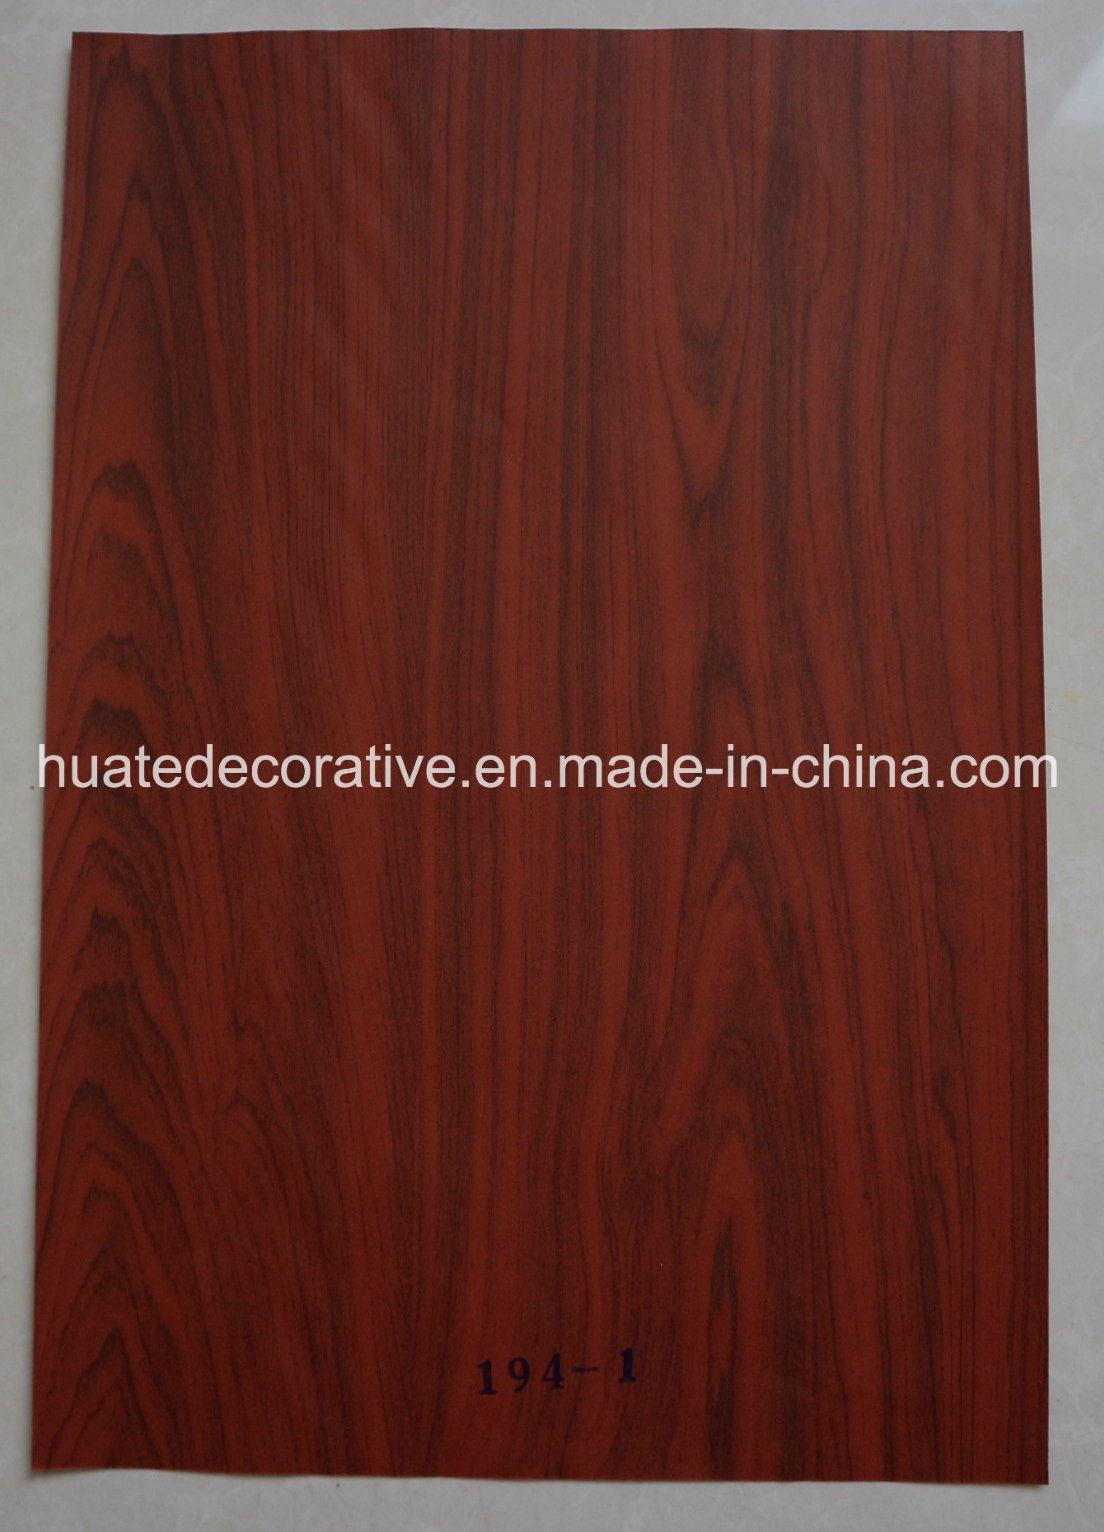 Wood Grain Melamine Paper, Decorative Paper for Laminate, MDF, Door, Walnut Design